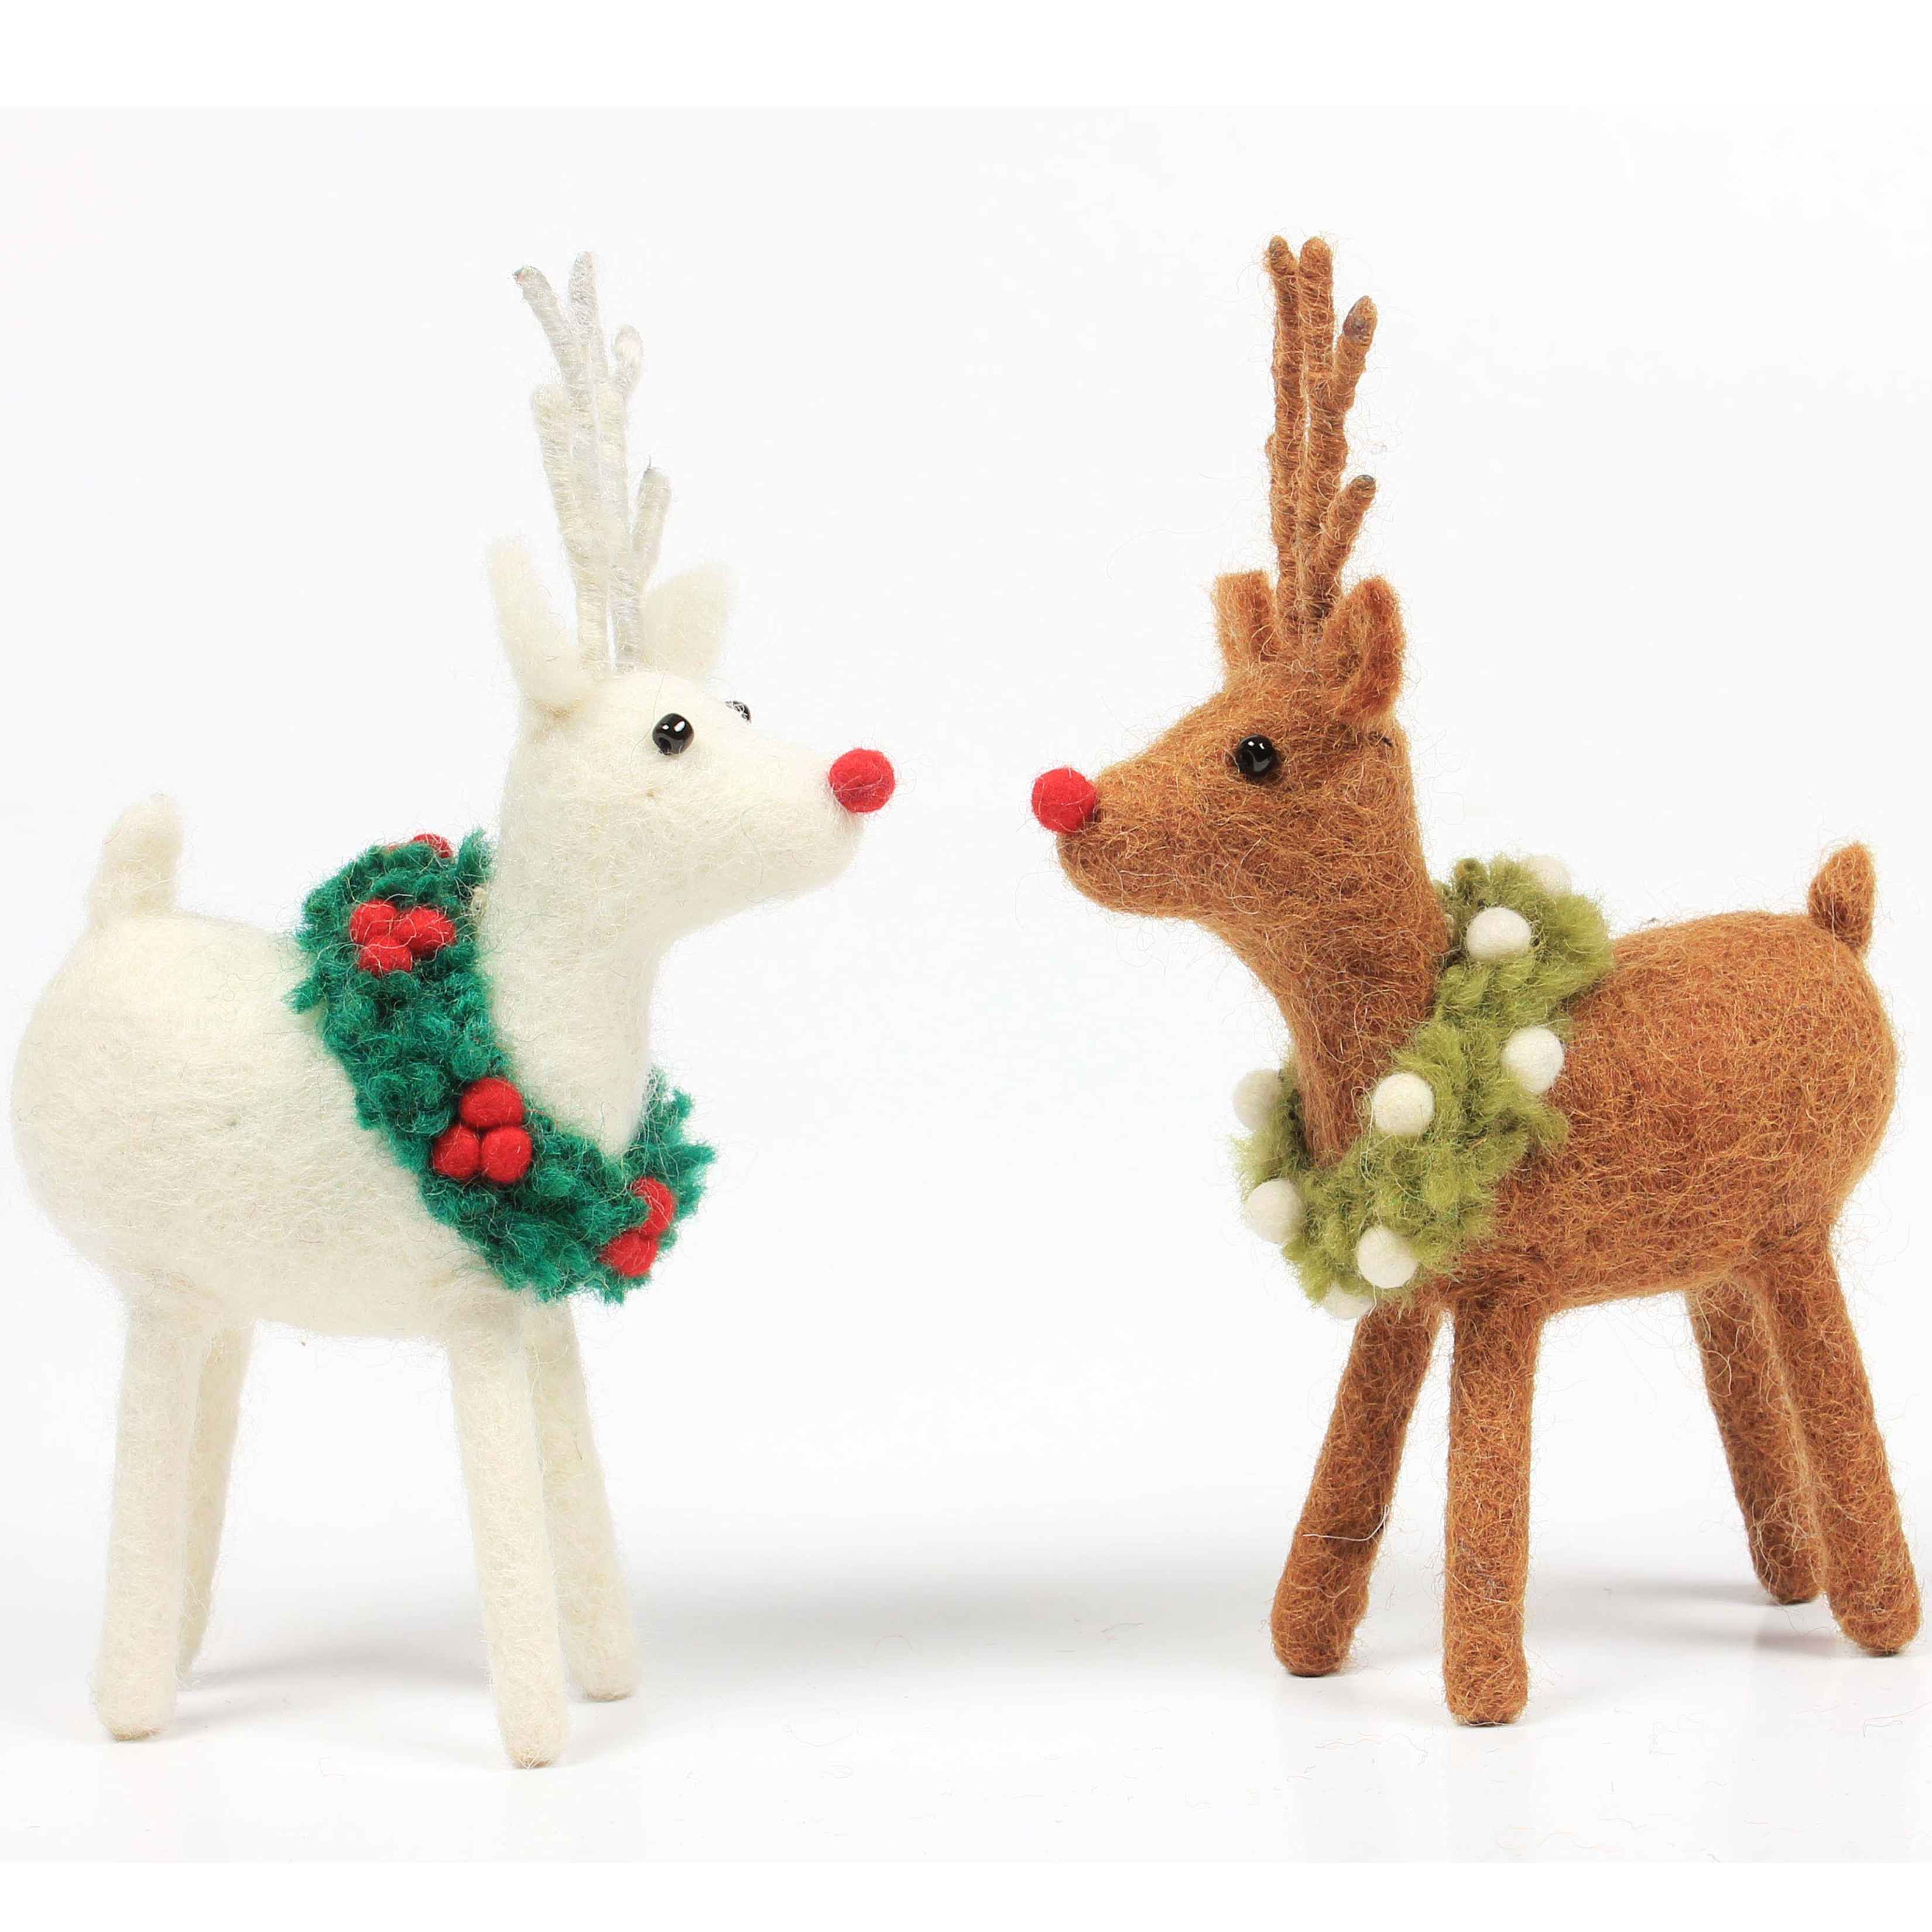 Reindeer with Holly & Mistletoe Wreath